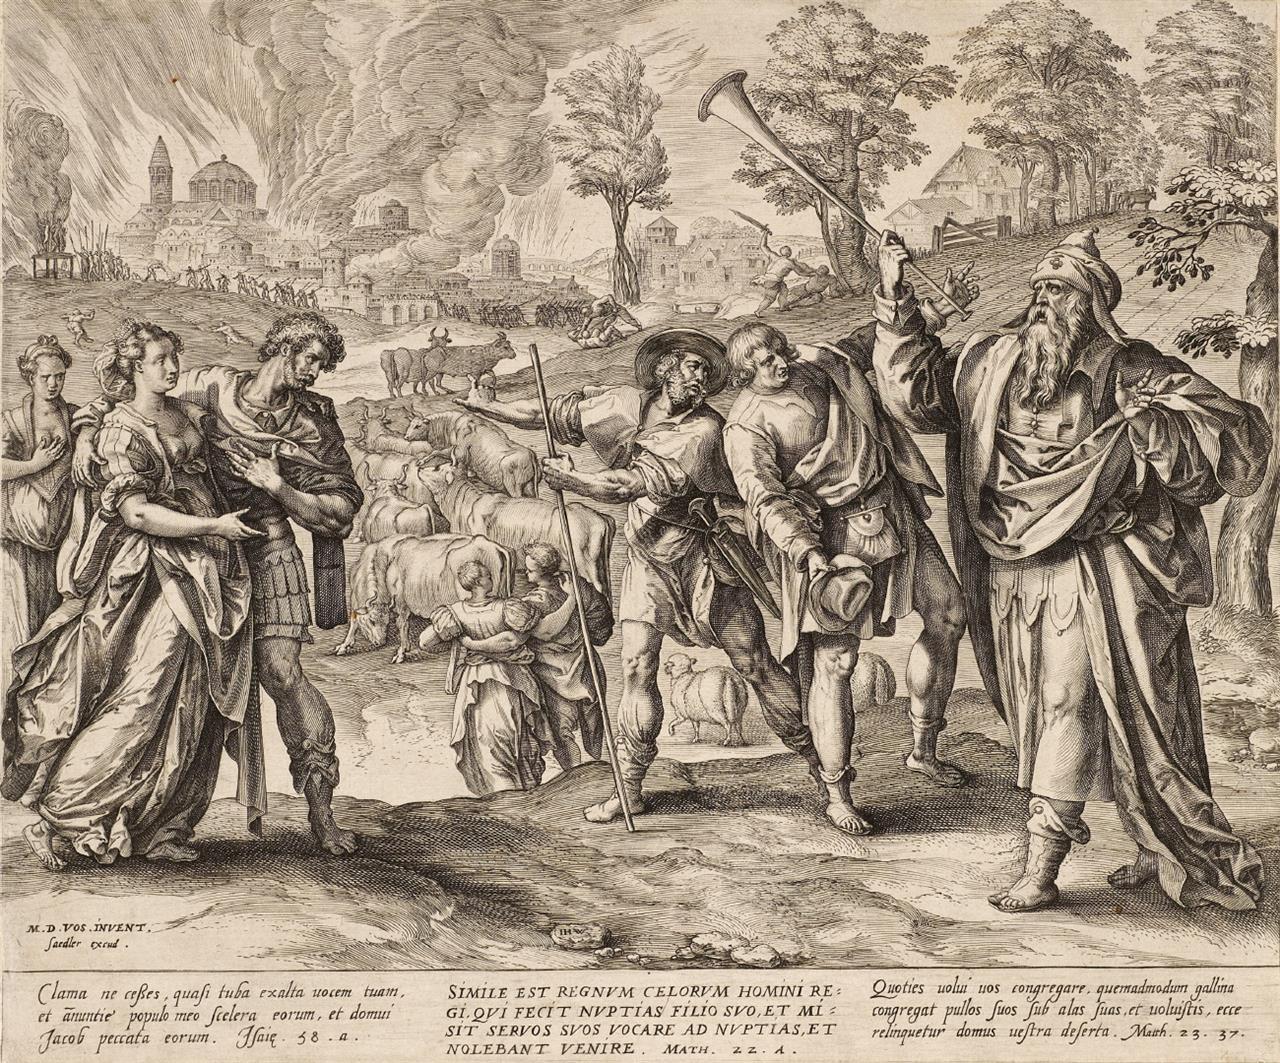 Maarten de Vos. Gleichnis vom Hochzeitsfest / Verfolgung der Christen. 2 Kupferstiche.